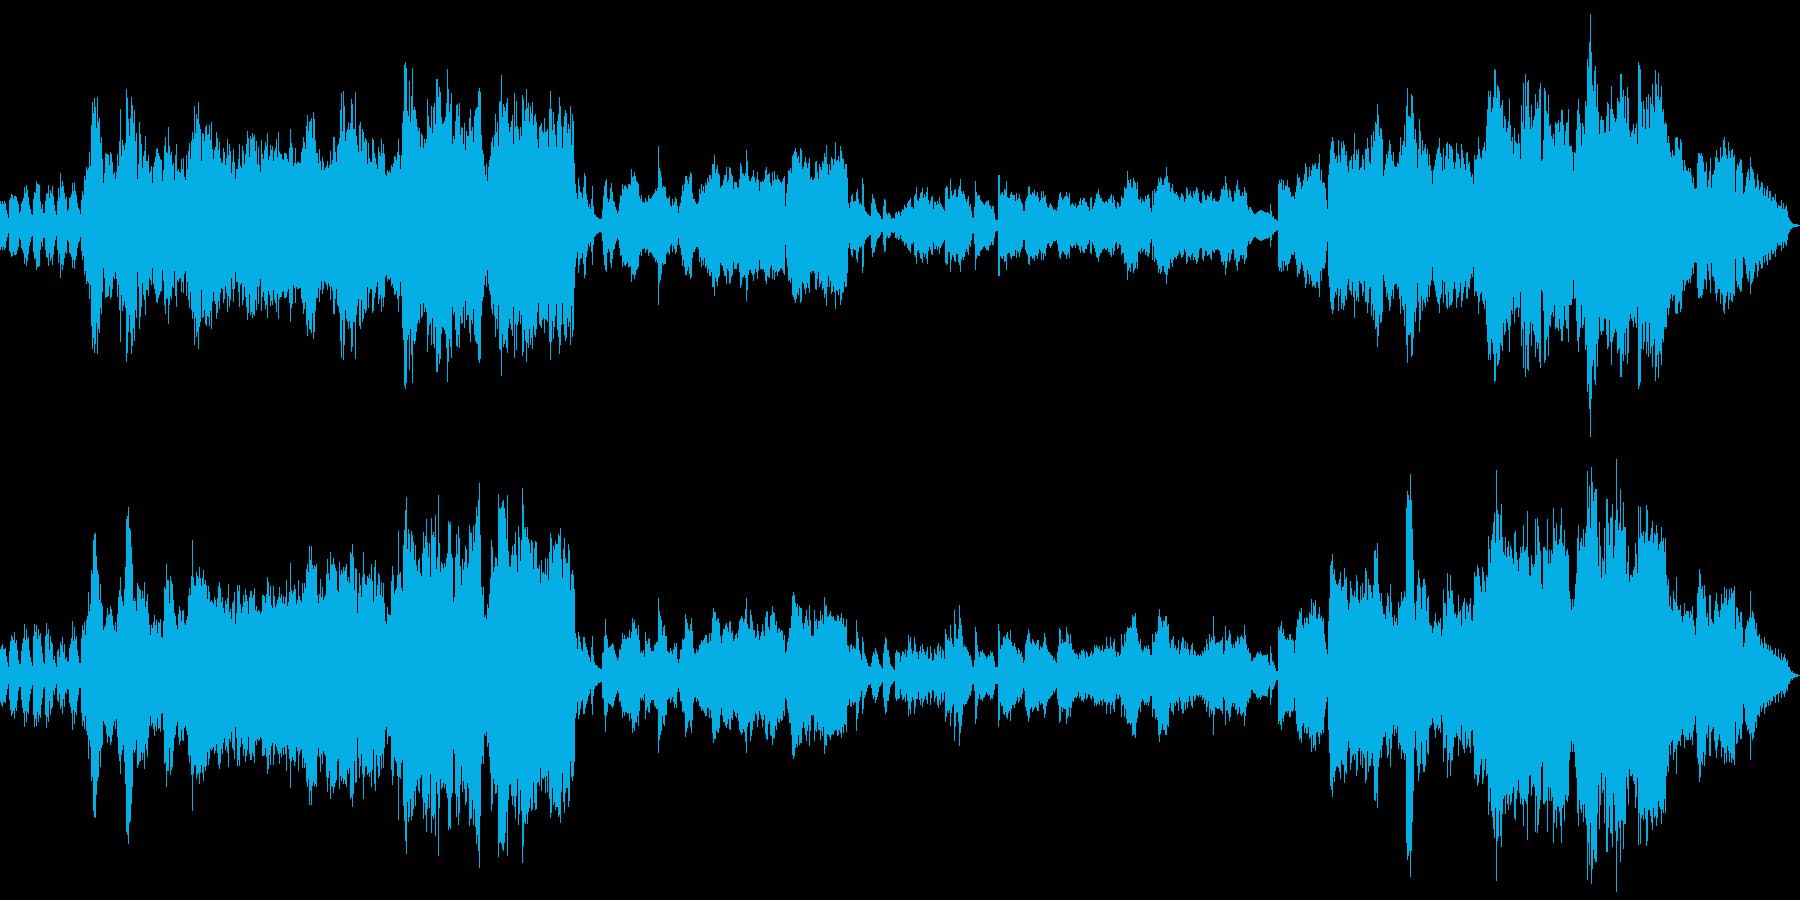 パワフルなオーケストラが映像によく合う曲の再生済みの波形